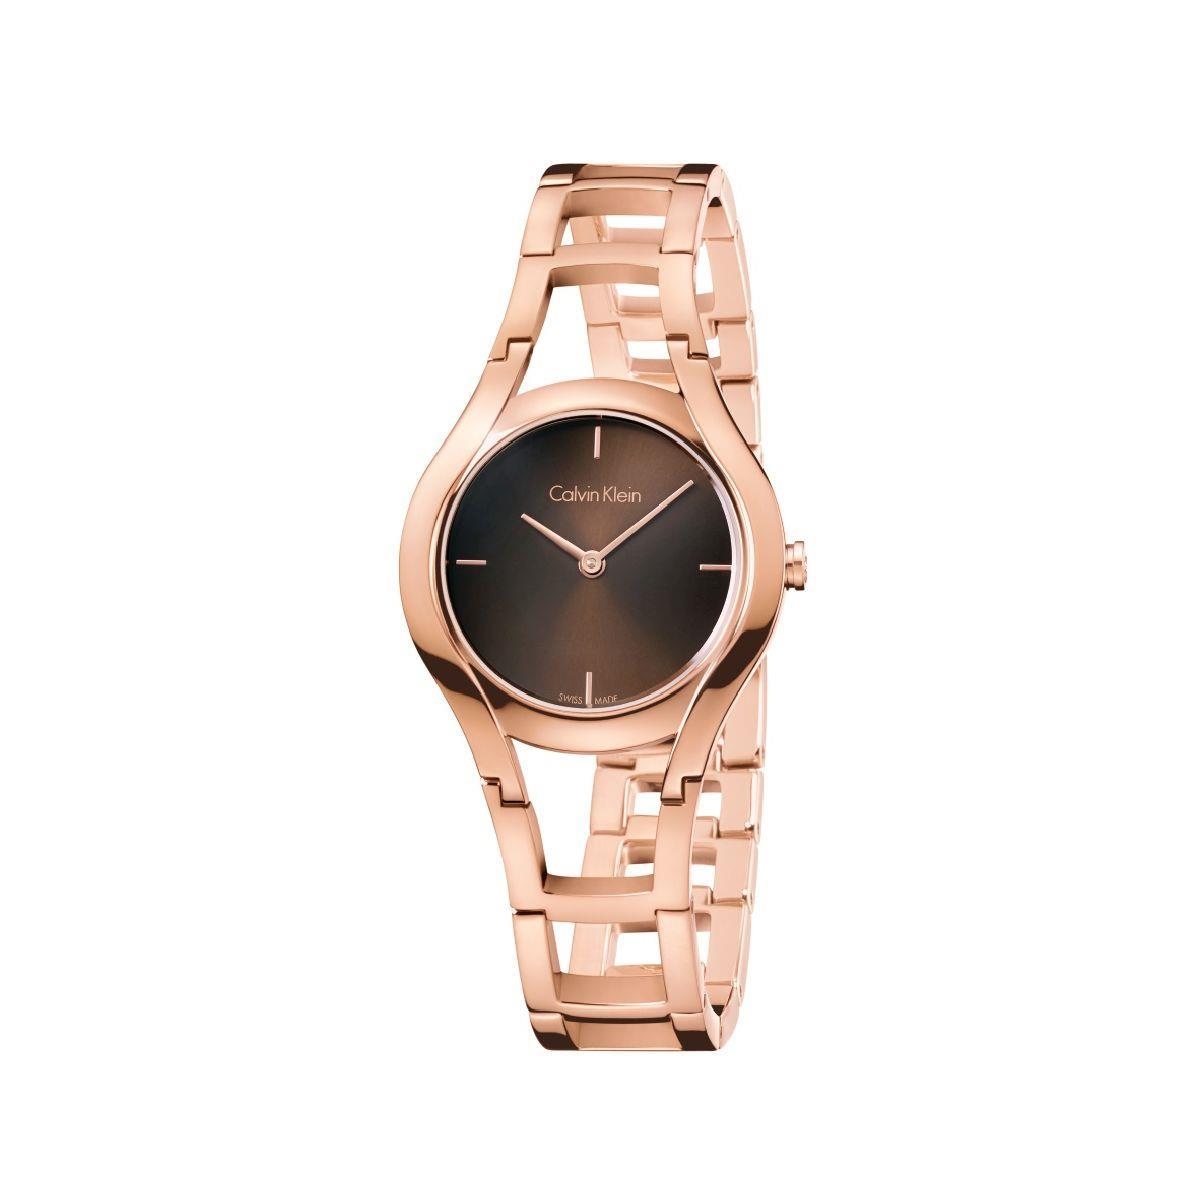 55a77b962b7 Relógio Feminino Calvin Klein - K6R2362K - K6R2362K - CALVIN KLEIN